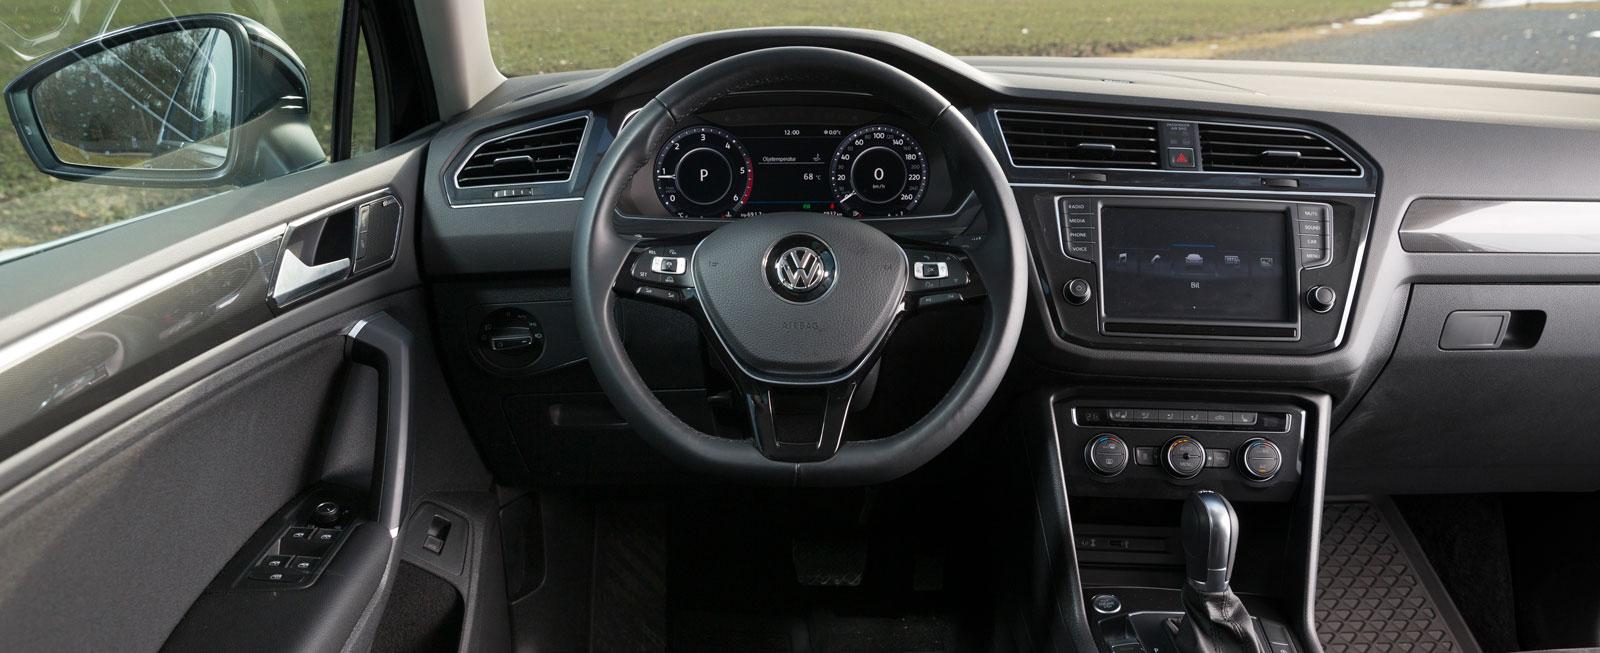 """I grunden samma reglageplaceringar som i Skoda, men körställningen är en smula annorlunda och lite """"busslik"""" i VW. Bra knappfunktioner i ratten."""